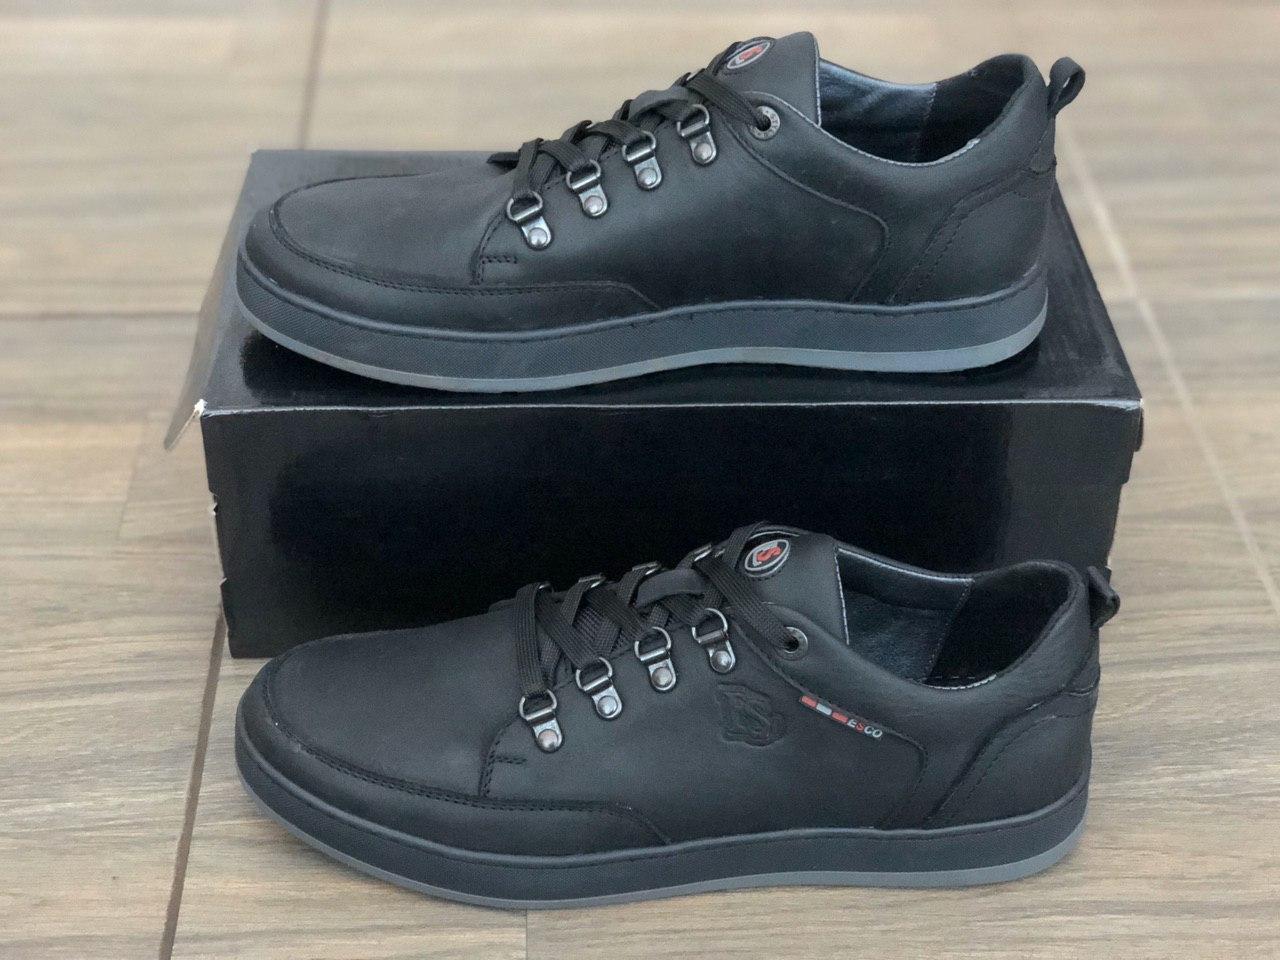 Кросівки чоловічі шкіряні Esco 830ч розміри 40,43,45